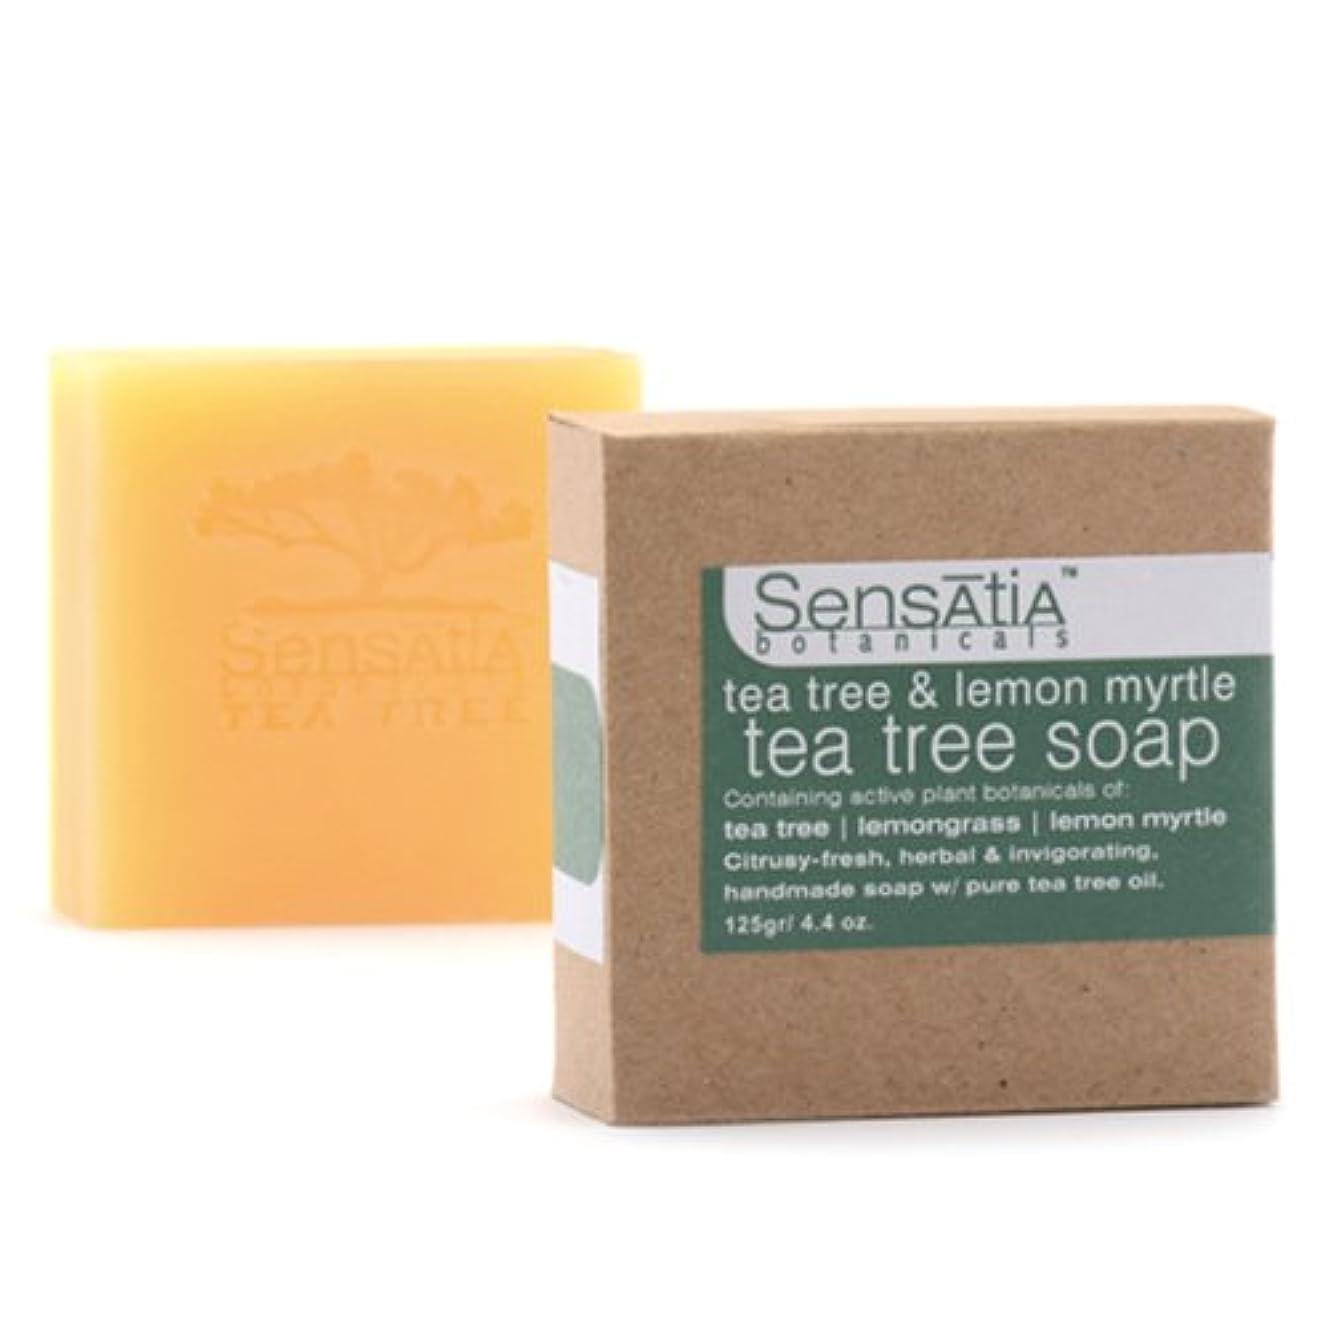 責め装備する影響を受けやすいですSensatia(センセイシャ) ティーツリーソープ レモンマートル 125g